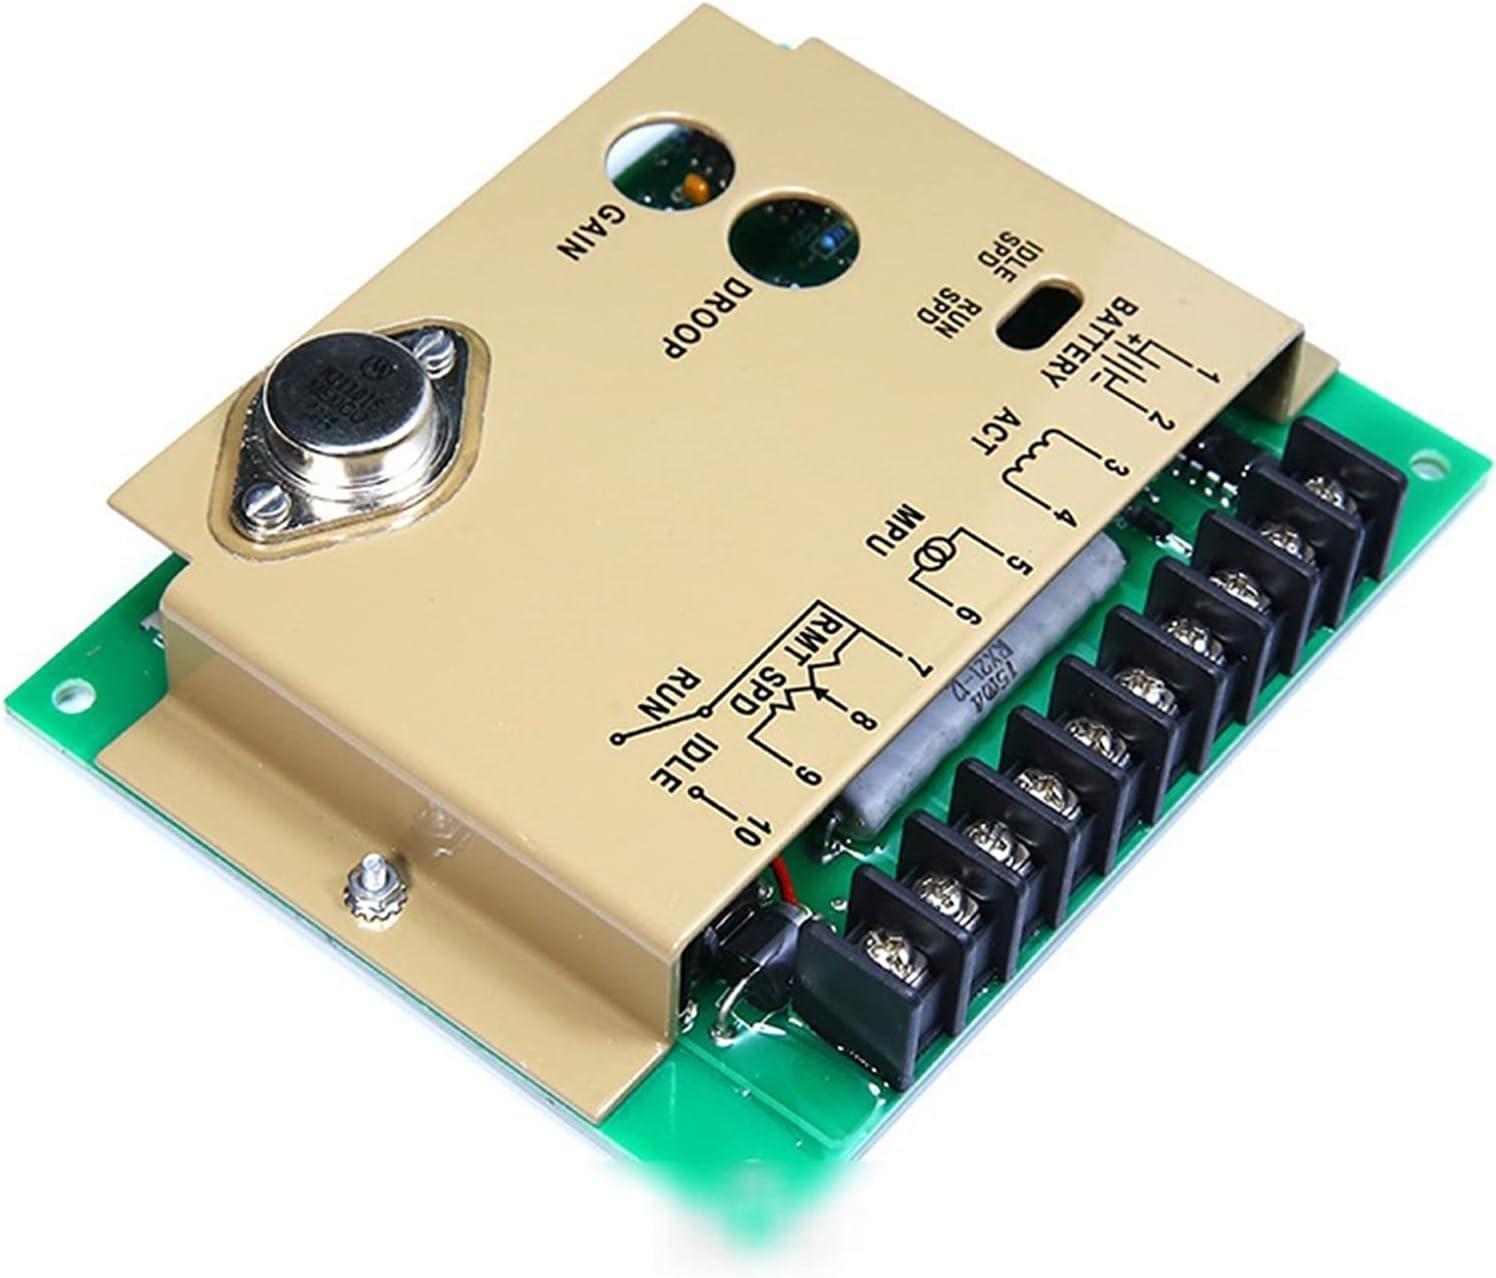 Para la velocidad del motor de control / alternador del motor GENSET 4913988 Accesorios del generador Tablero de control de velocidad electrónico Gobernador de velocidad marina EFC4913988 Regulador de